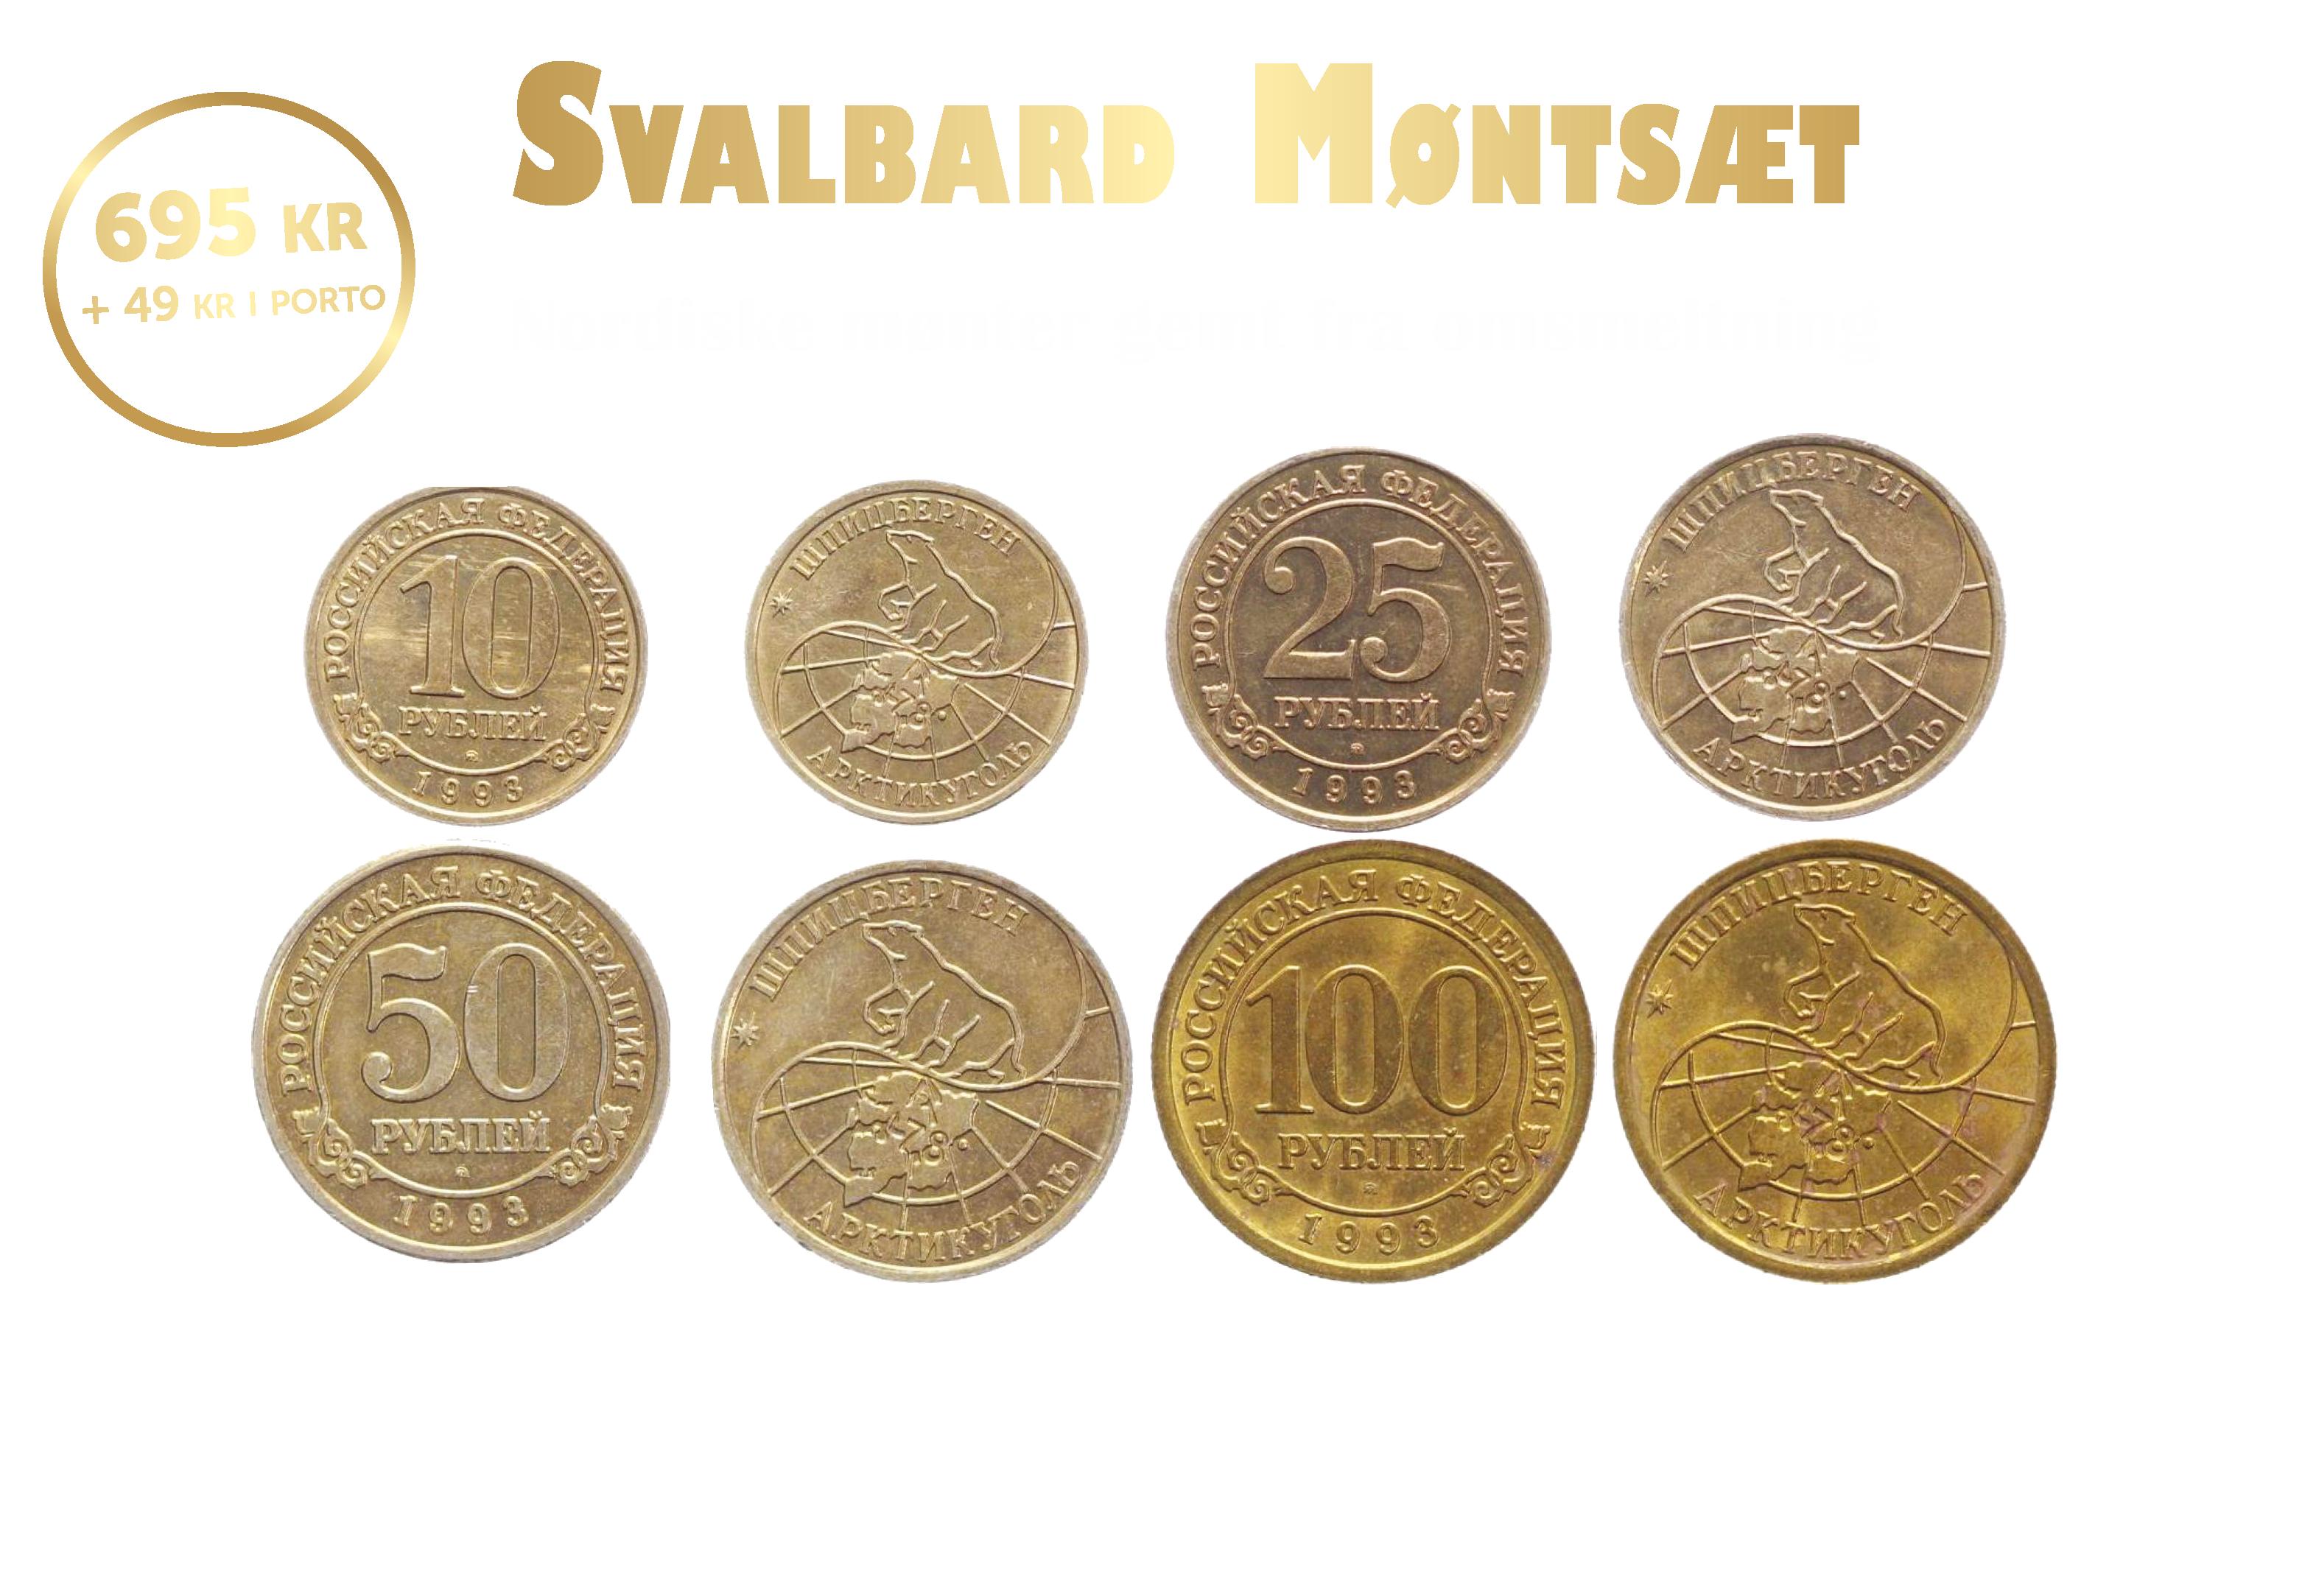 Svalbard Møntsæt - Nordiske mønter gemt fra omsmeltning